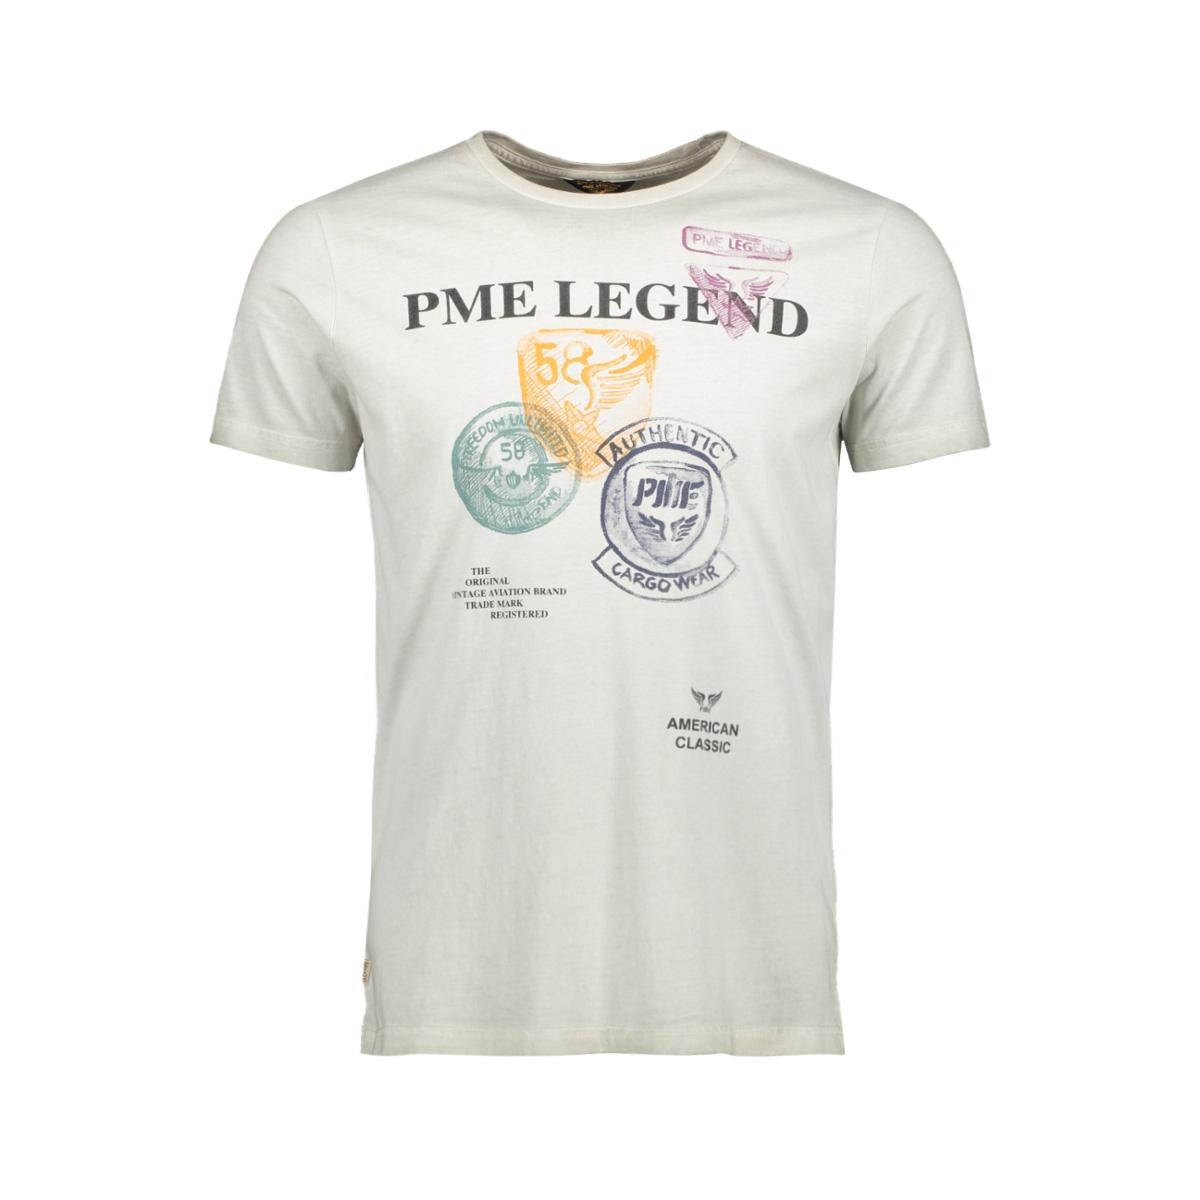 short sleeve t shirt ptss195522 pme legend t-shirt 959